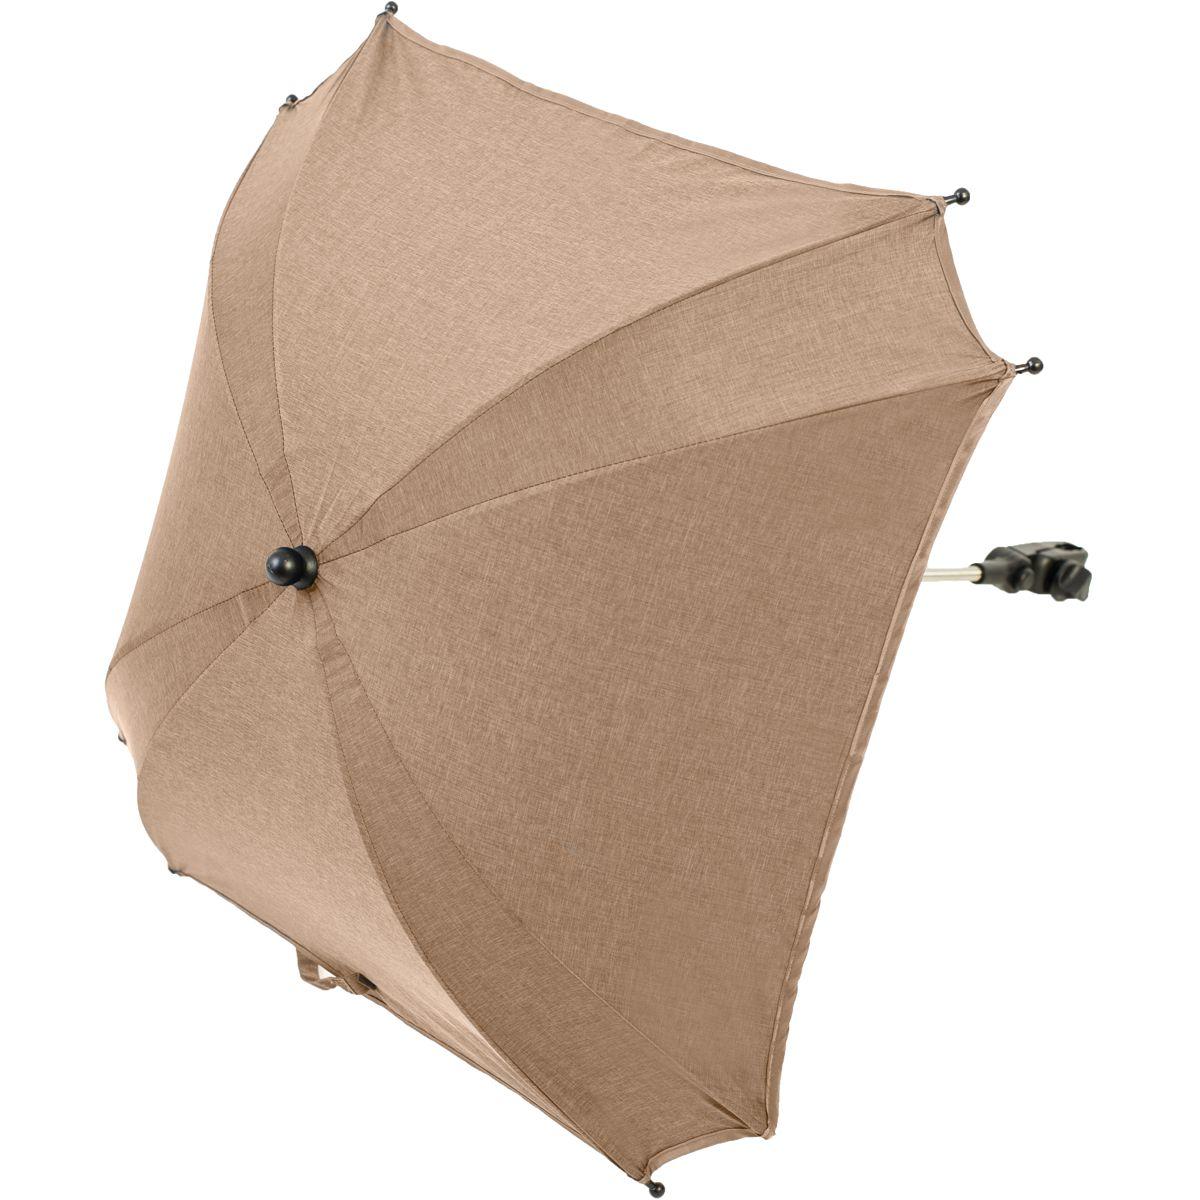 XL SONNENSCHIRM SCHIRM für Kinderwagen Buggy UV-SCHUTZ 50+ Sonnenschutz Ø80cm